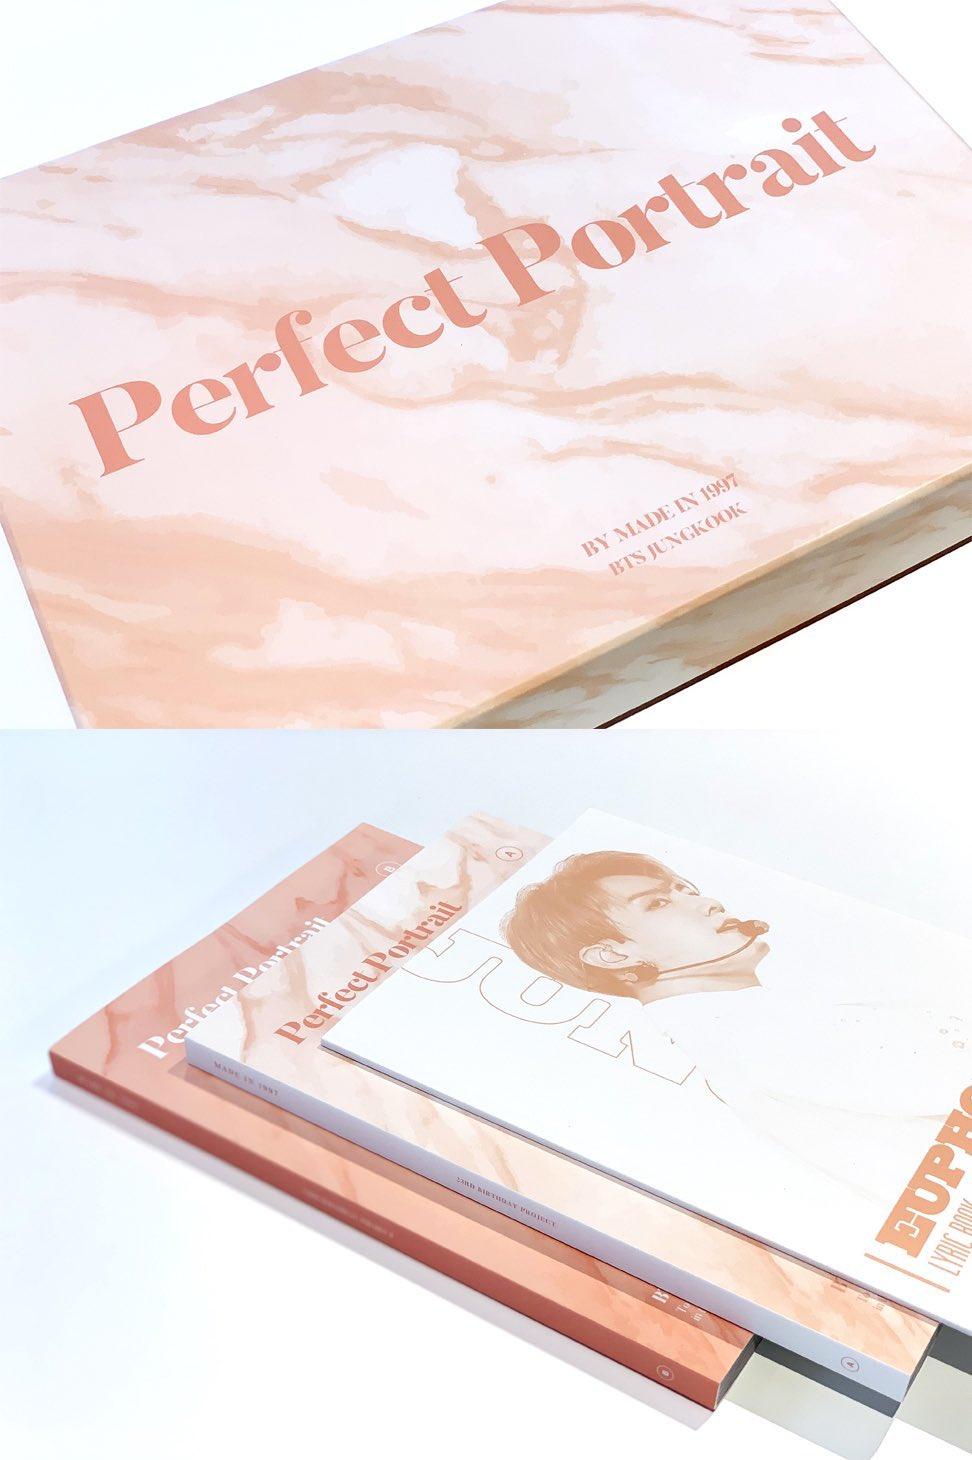 Photobook berisikan foto-foto Jungkook BTS yang dipotret fansite Made in 1997 JK.